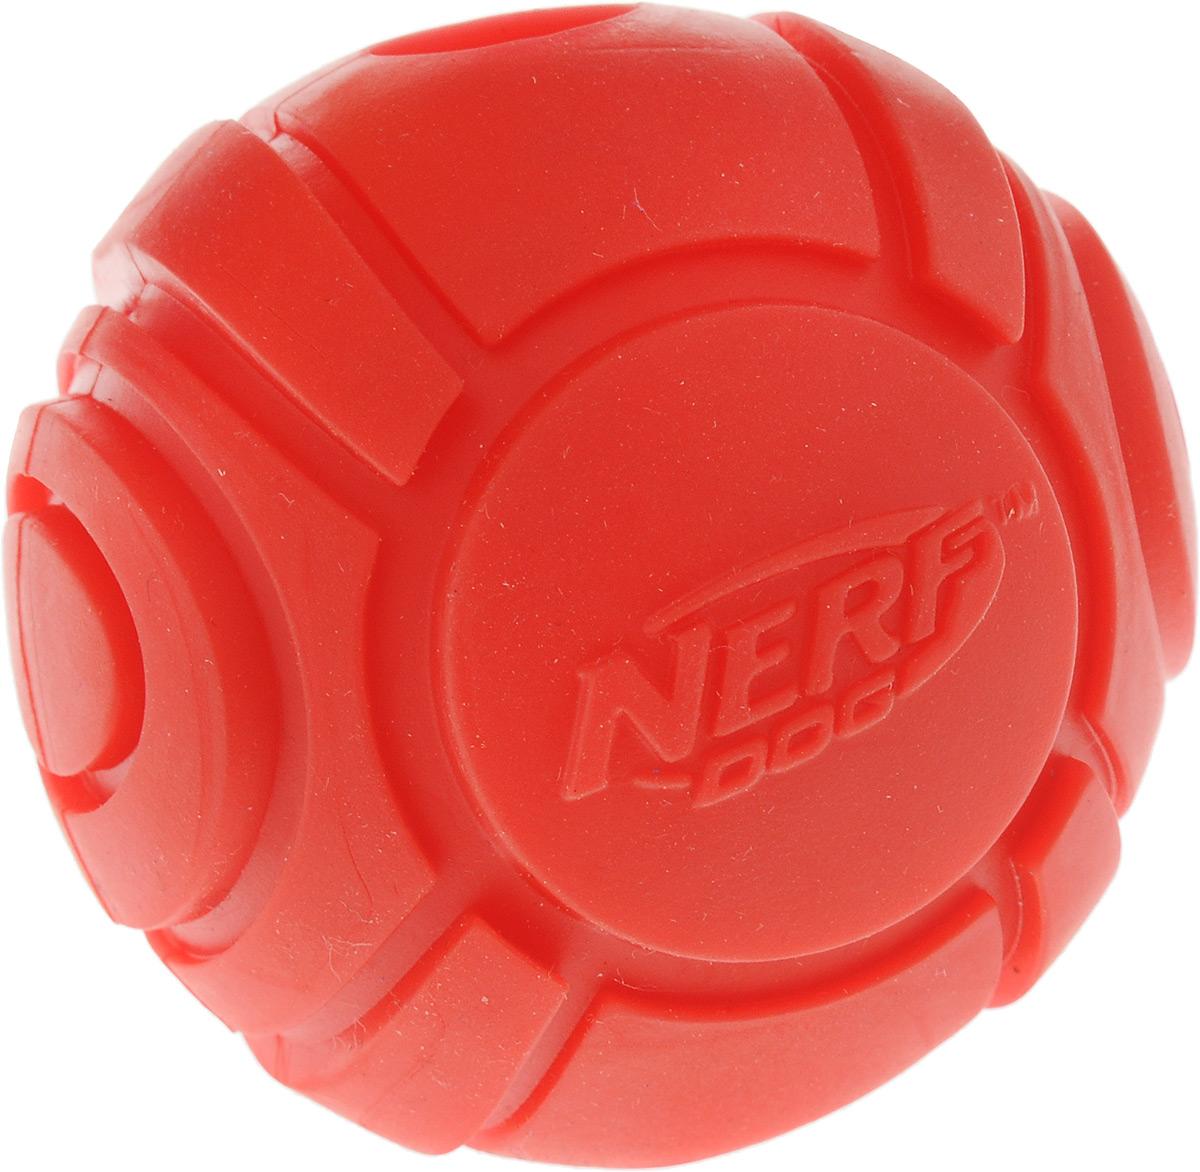 Игрушка для собак Nerf Мяч теннисный для бластера, цвет: красный, диаметр 6 см30748_красныйИгрушка для собак Nerf Мяч теннисный для бластера, изготовленный из прочной долговечной резины, не позволит скучать вашему питомцу и дома, и на улице. Изделие великолепно подходит для игры и массажа десен вашего питомца. Диаметр мяча: 6 см.